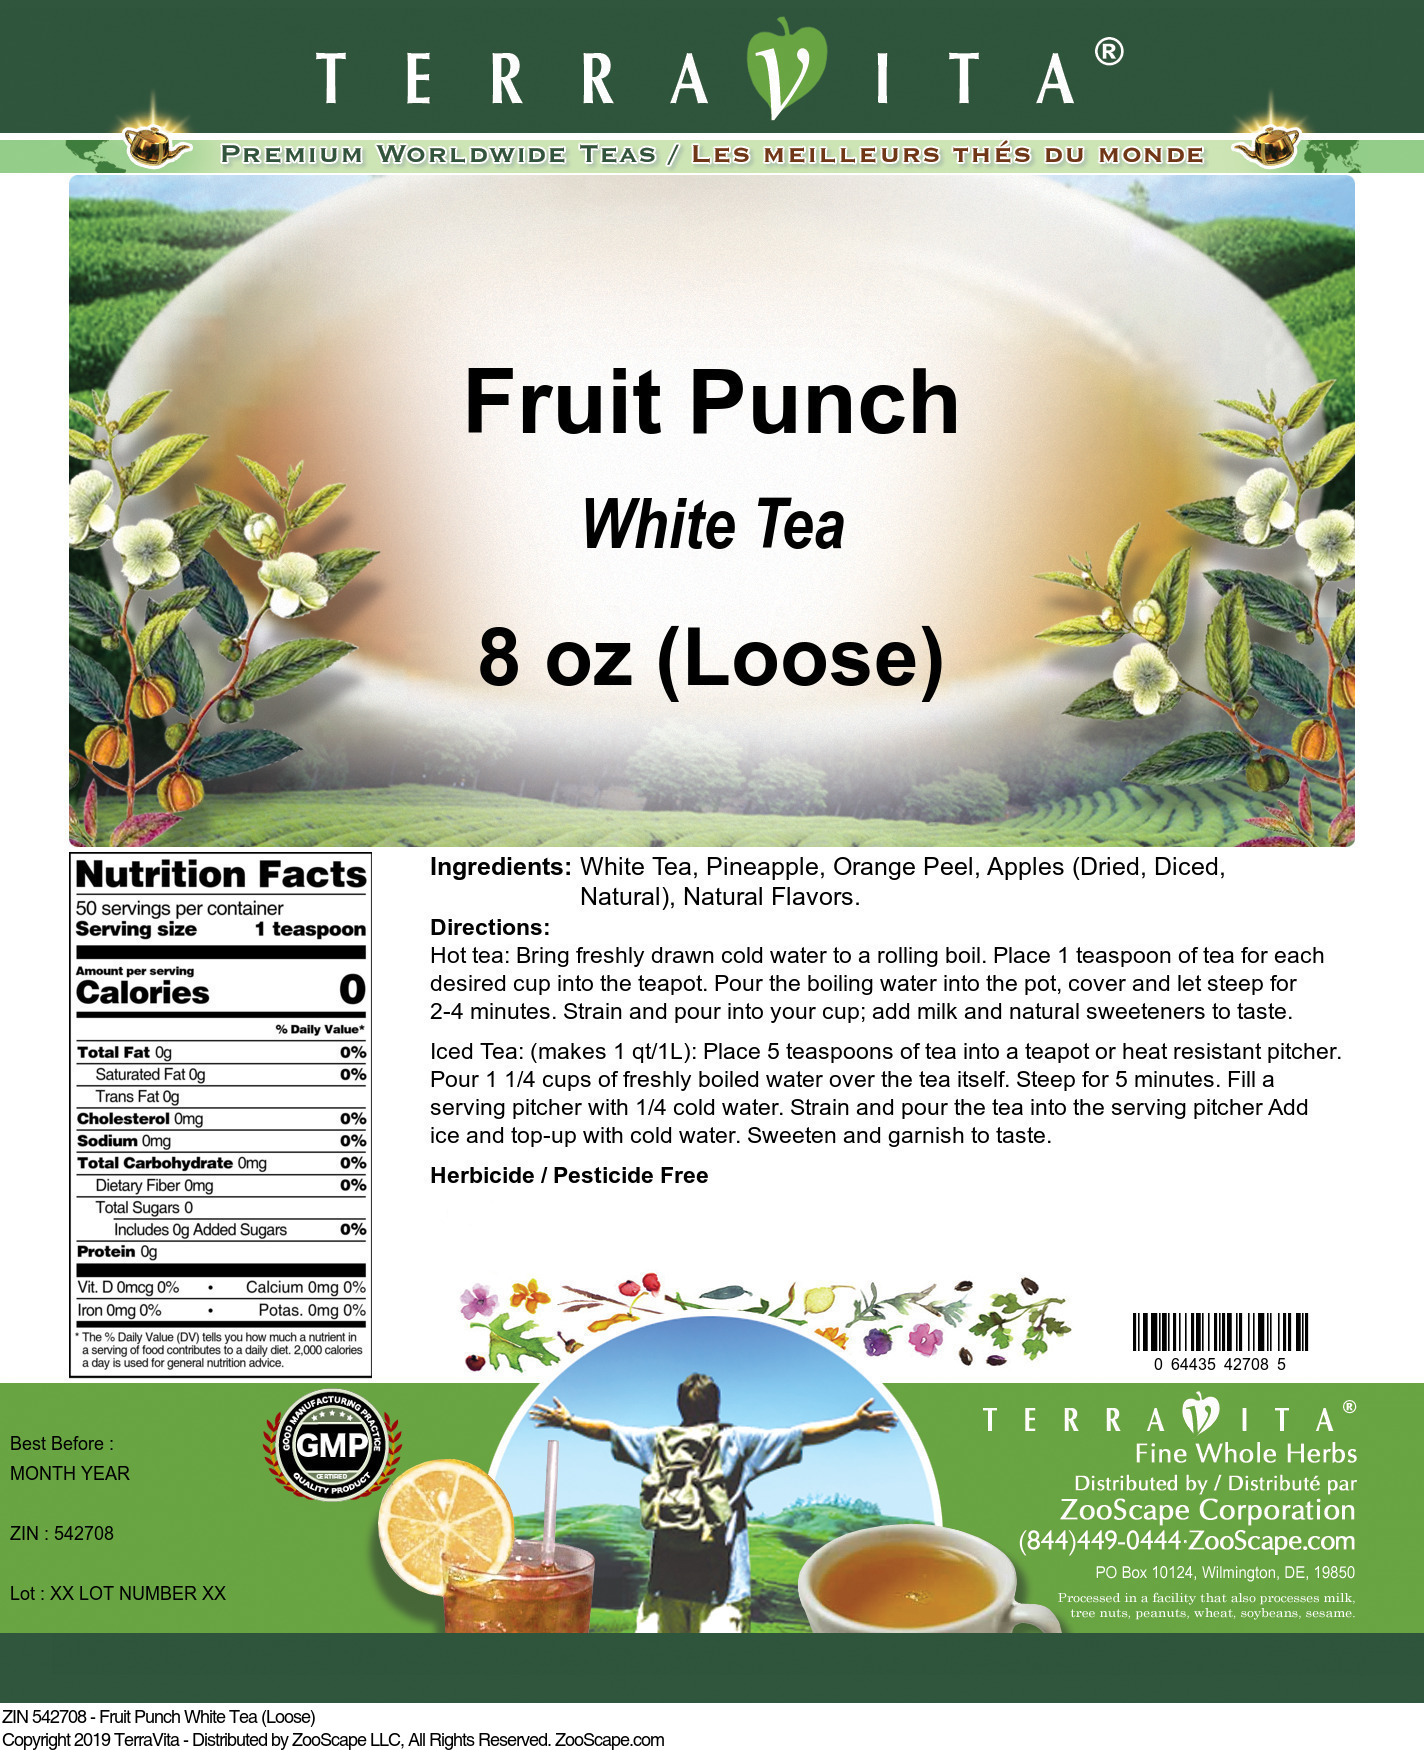 Fruit Punch White Tea